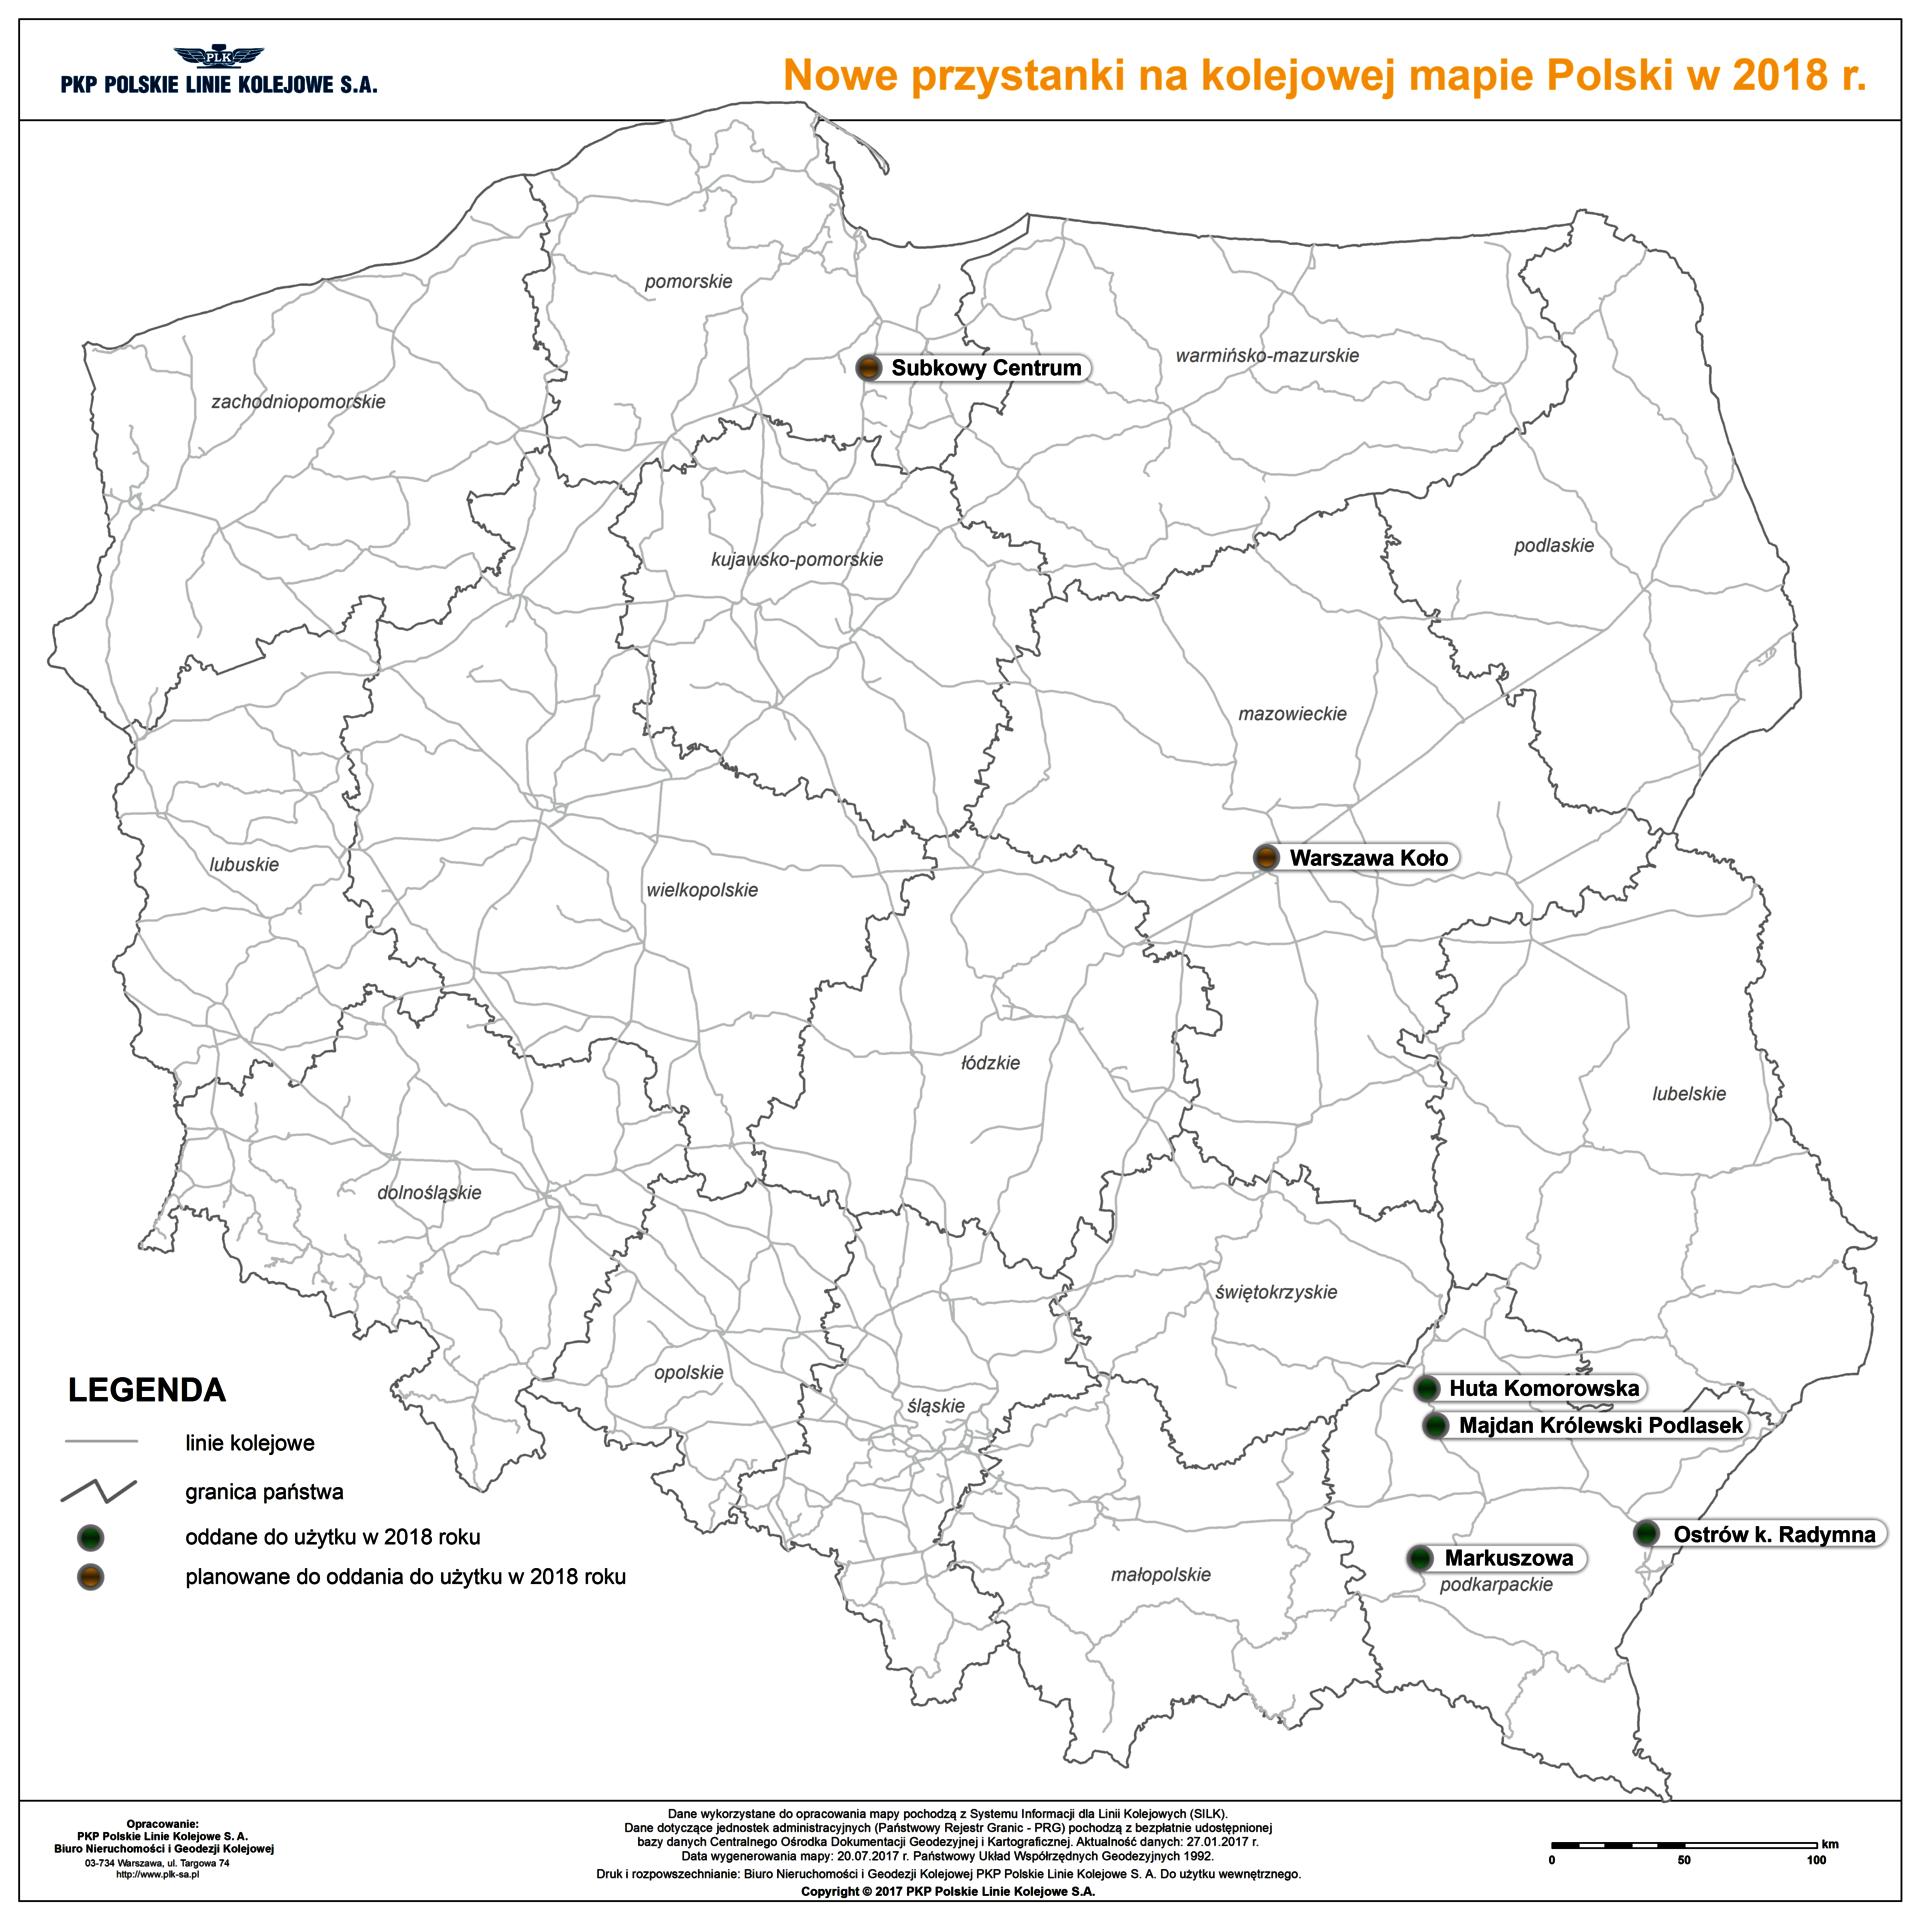 NaKolei.pl-Nowe przystanki m.in. na Podkarpaciu. PLK zmienia również stare nazwy stacji